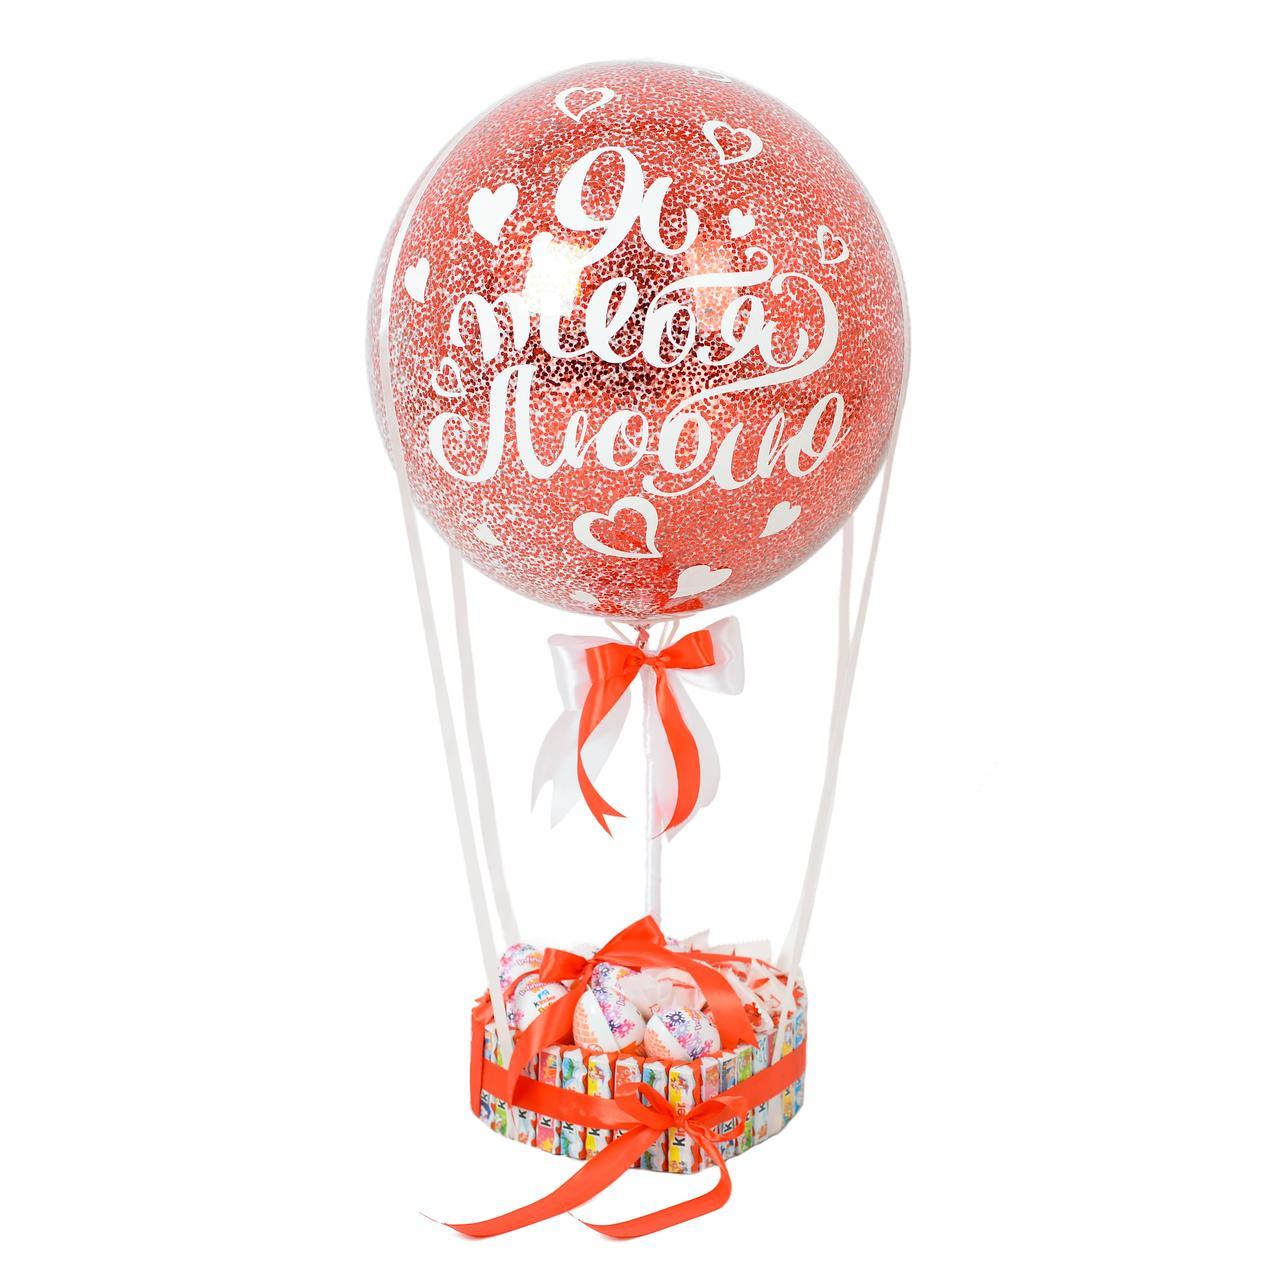 Сладкий набор в форме сердца из киндер сюрпризов и с воздушным шаром Я тебя люблю